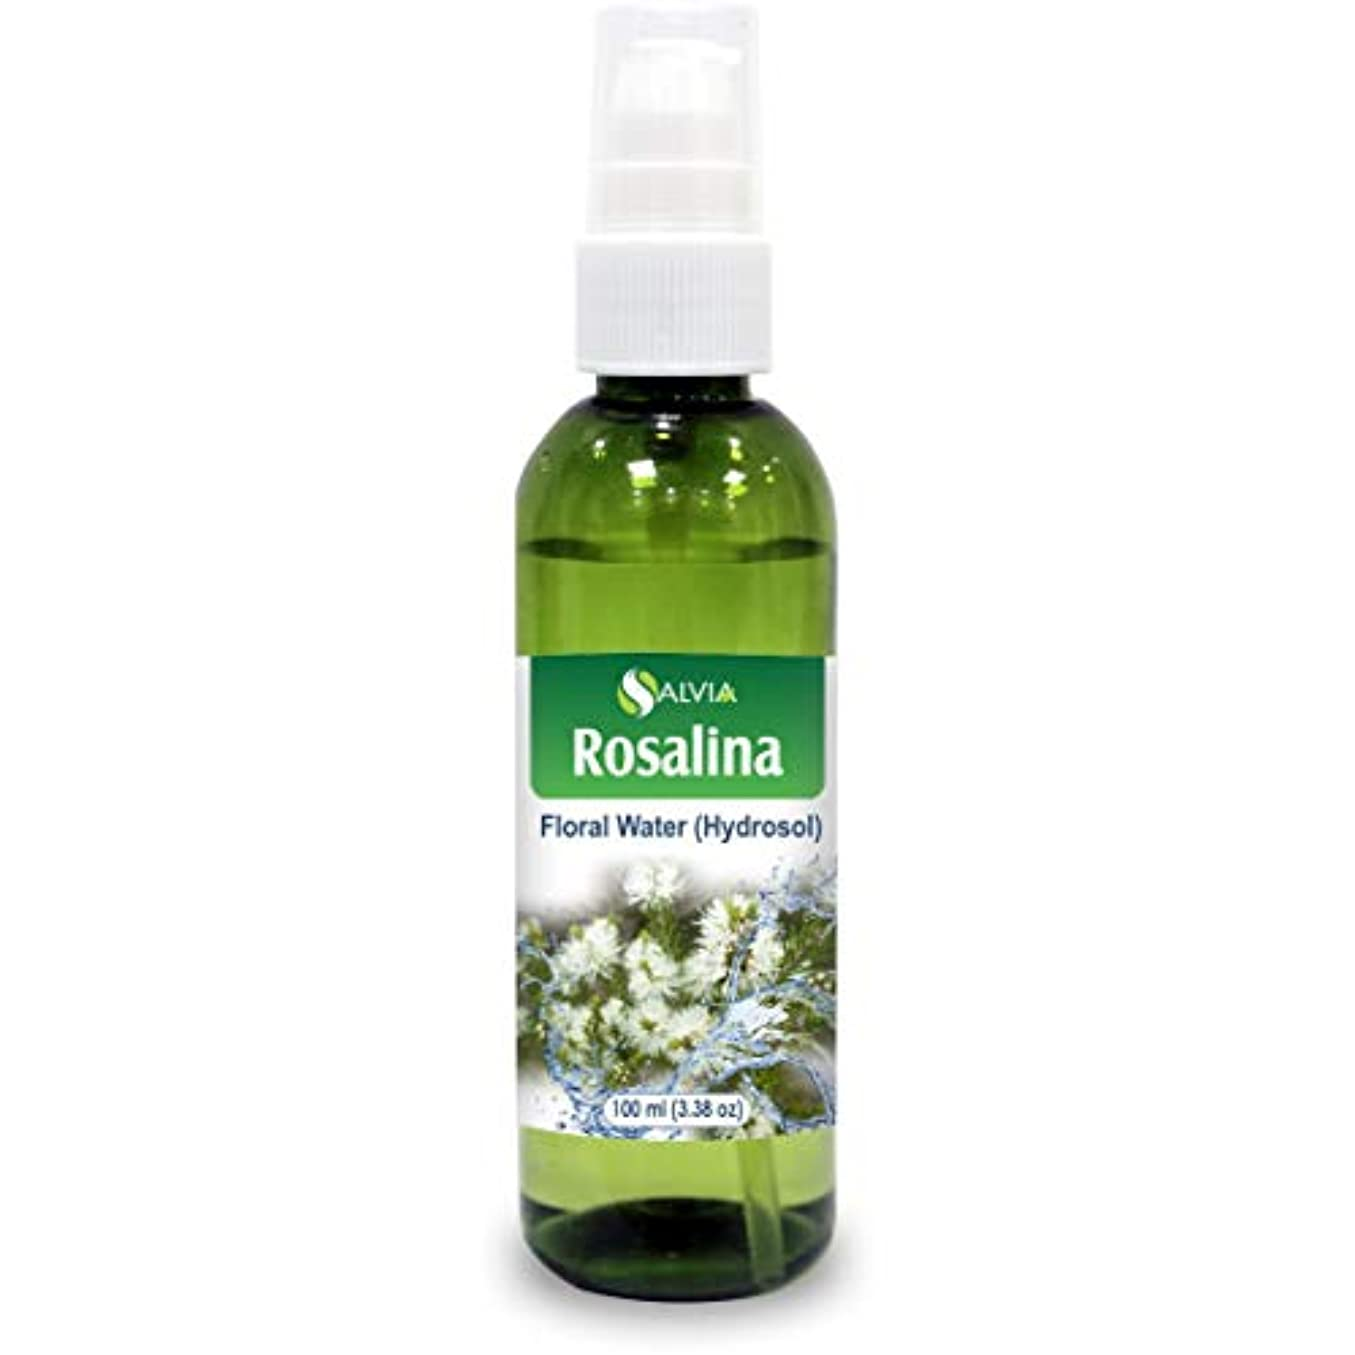 熱心なフォアタイプフルーツ野菜Rosalina Oil Floral Water 100ml (Hydrosol) 100% Pure And Natural